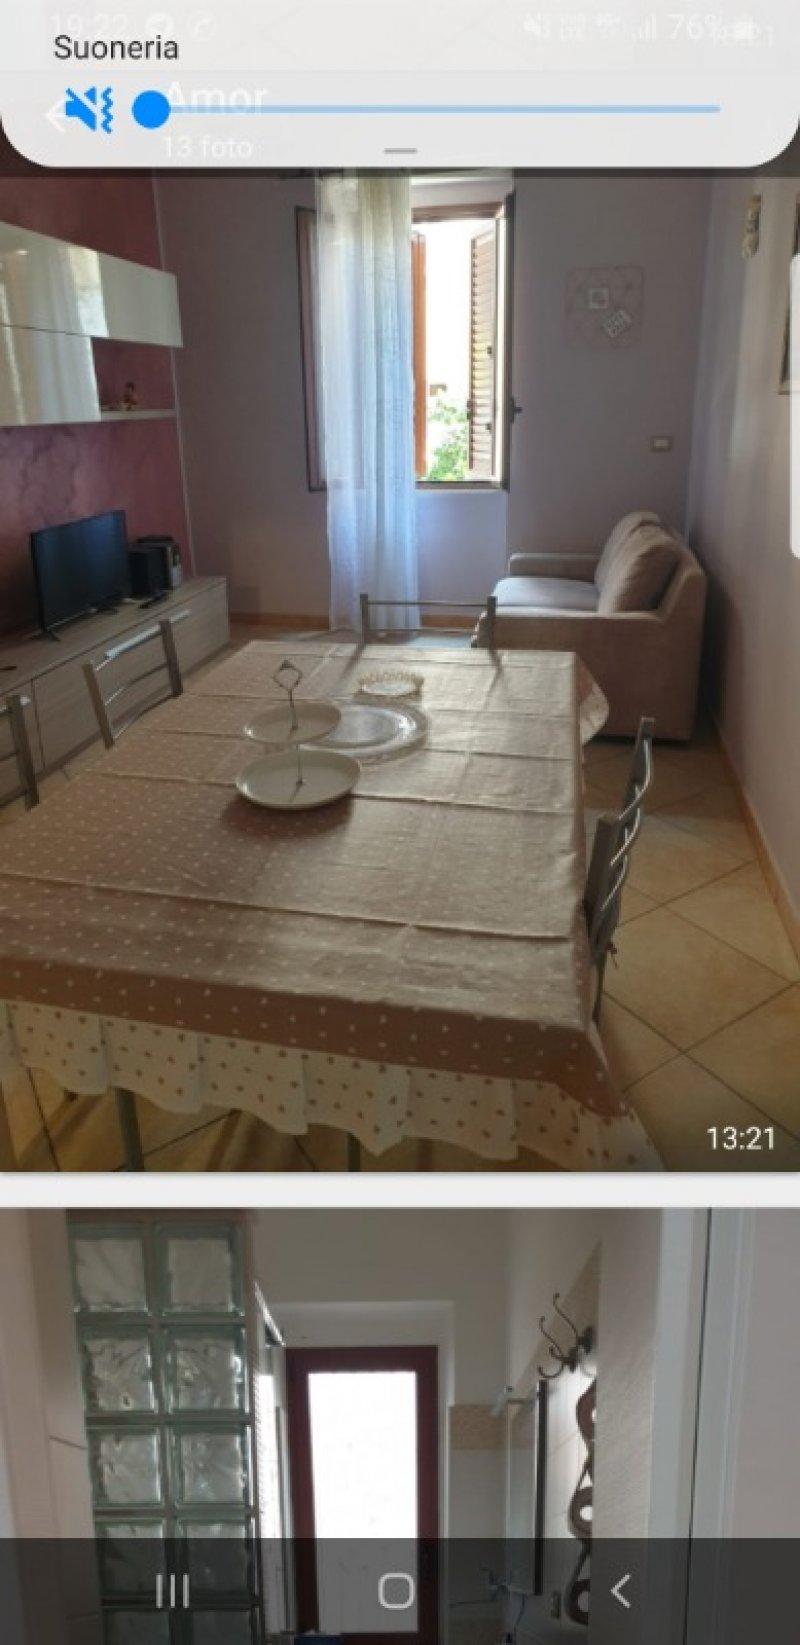 Messina appartamento per giovani o investimento a Messina in Vendita